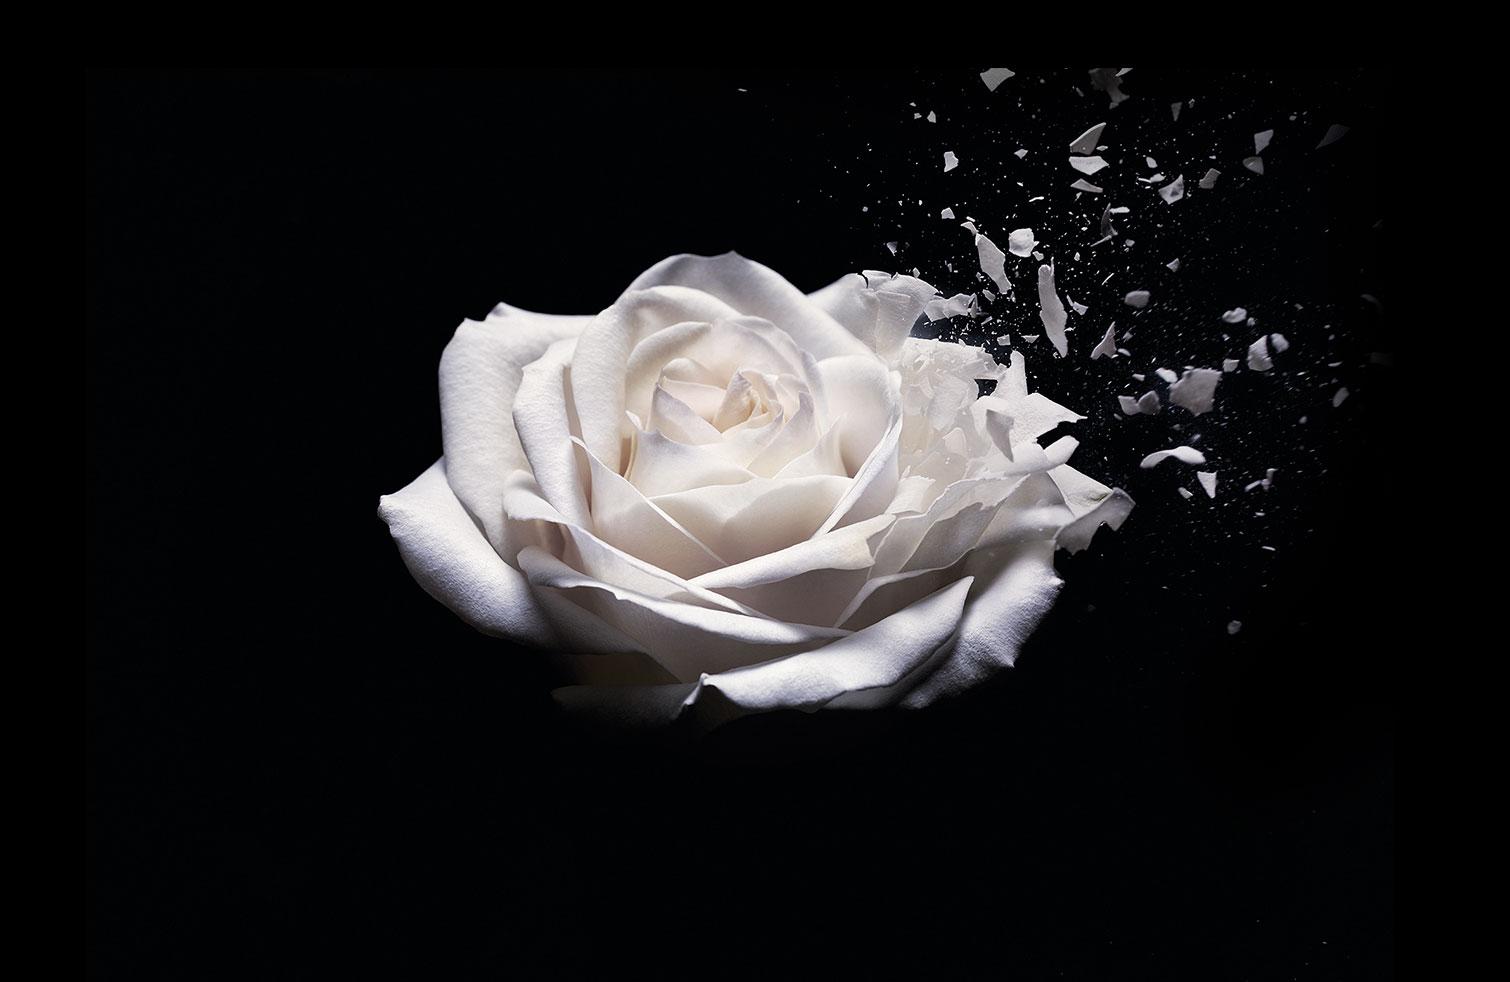 tajni-ziovot-cvijeca-cover-fotka